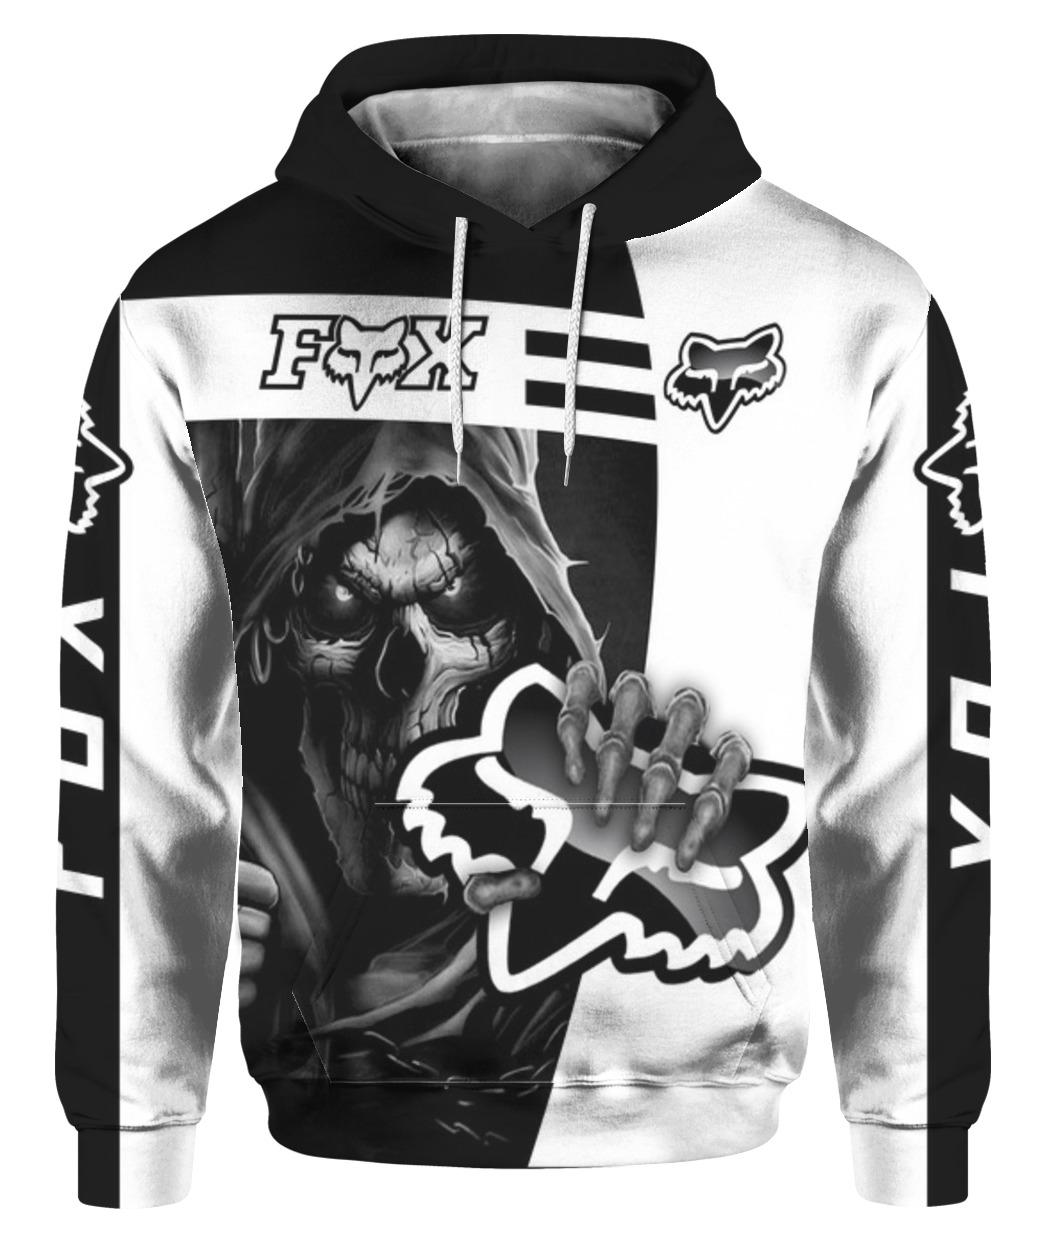 Death skull holds logo fox racing full printing hoodie 1